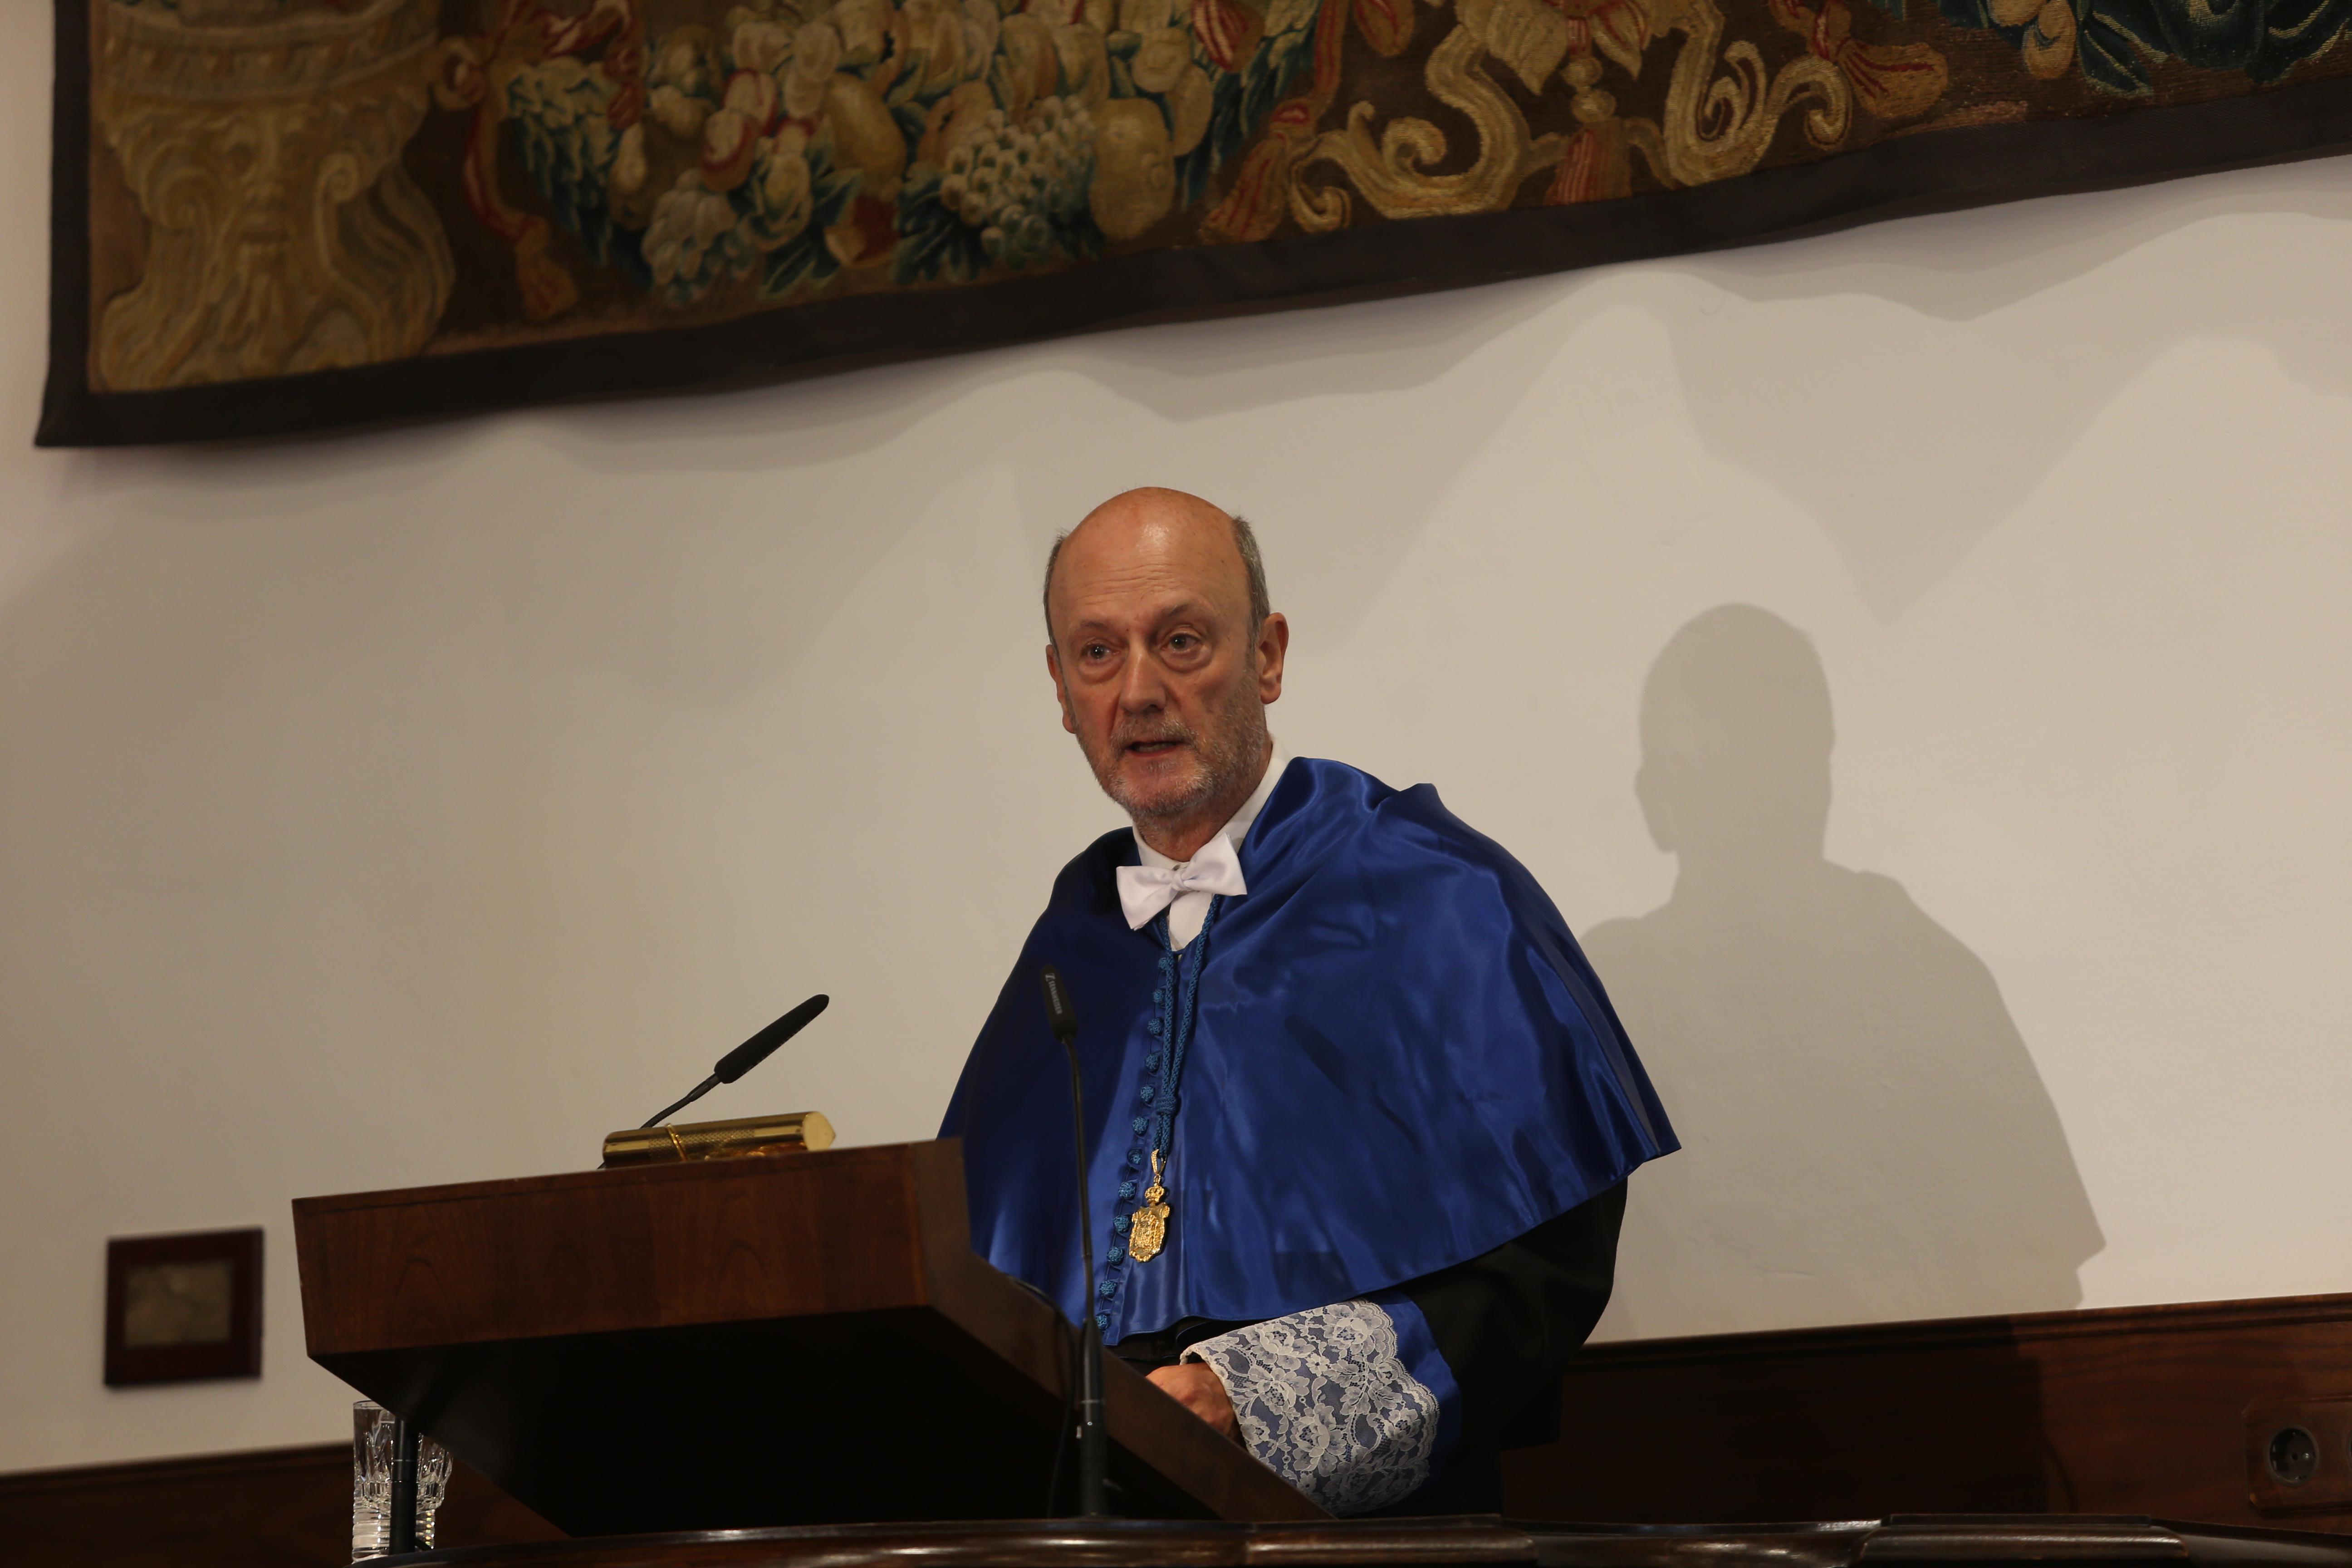 José Ignacio Íñiguez de la Torre Bayo